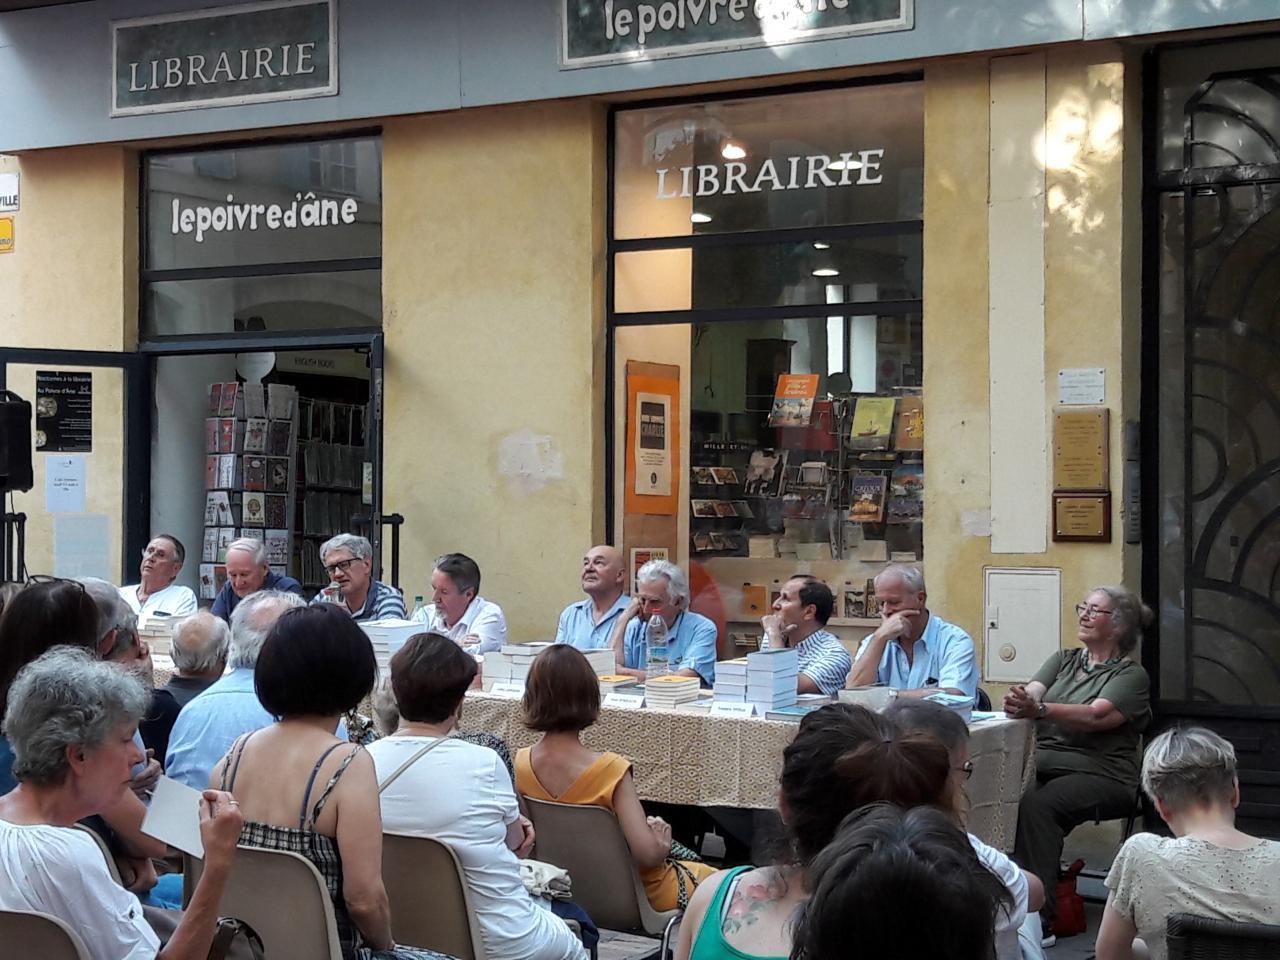 03/08/2017, Librairie Le poivre d'âne, Manosque